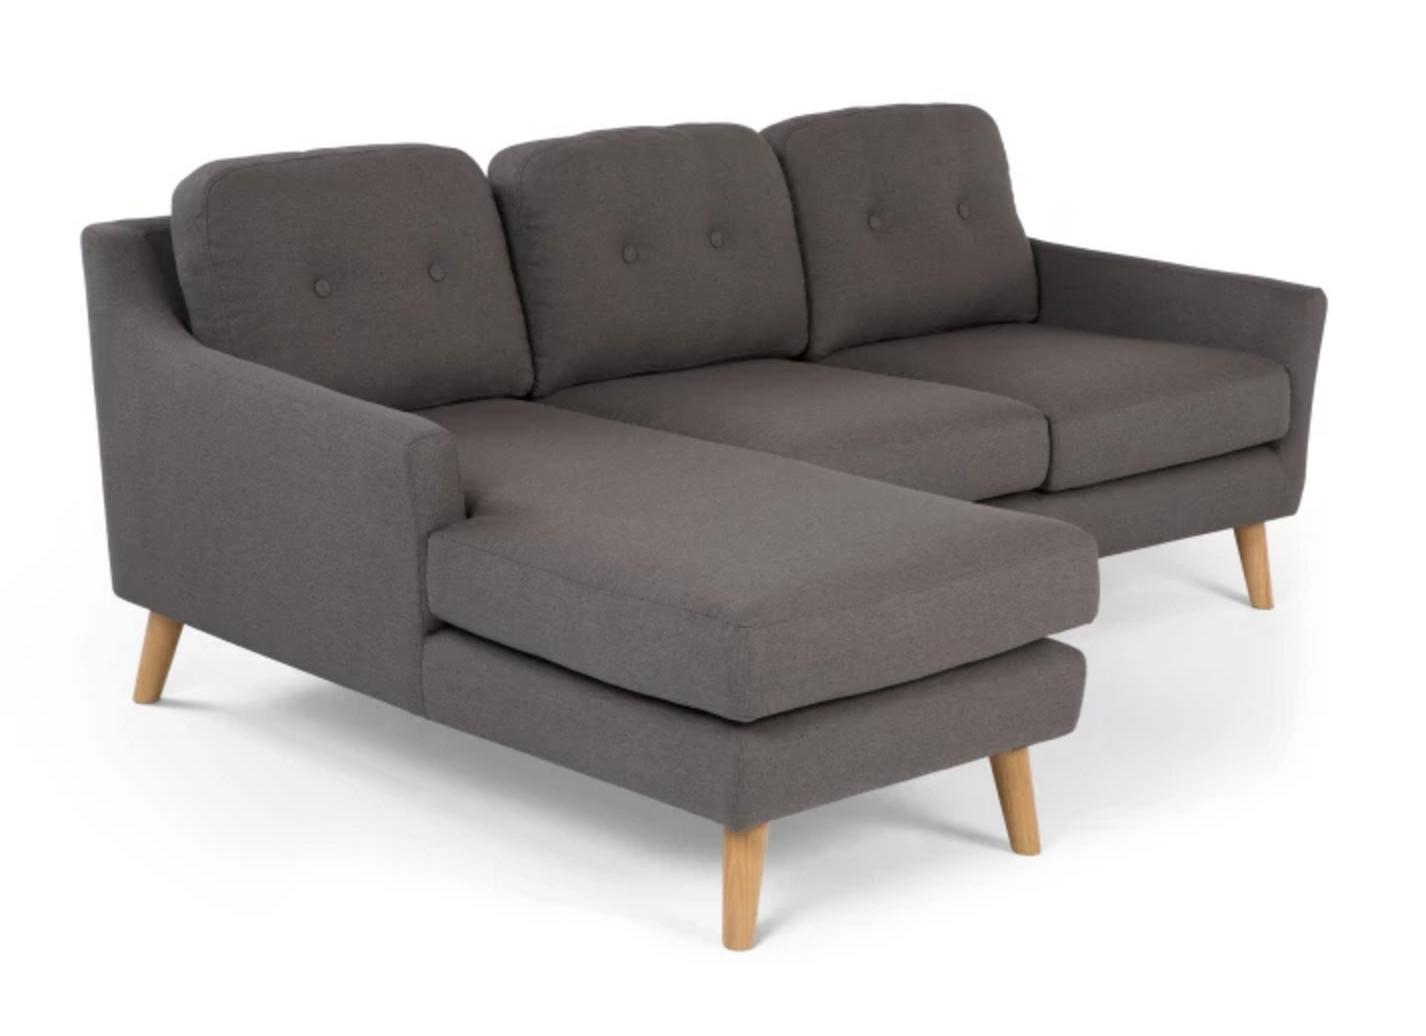 Угловой диван LanceУгловые диваны<br>&amp;lt;div&amp;gt;Компактный и легкий угловой диван - и такое тоже возможно! Благодаря изящным ножкам и спинке, этот диван выглядит лаконично и стильно одноврменно. Для скандинавских и современных интерьеров городских квартир. Пофантазируйте и представьте его в яркой обивке - он сразу станет центром притяжения в любой комнате. &amp;amp;nbsp; &amp;amp;nbsp; &amp;amp;nbsp; &amp;amp;nbsp; &amp;amp;nbsp; &amp;amp;nbsp; &amp;amp;nbsp; &amp;amp;nbsp; &amp;amp;nbsp; &amp;amp;nbsp; &amp;amp;nbsp; &amp;amp;nbsp; &amp;amp;nbsp; &amp;amp;nbsp; &amp;amp;nbsp; &amp;amp;nbsp; &amp;amp;nbsp; &amp;amp;nbsp; &amp;amp;nbsp; &amp;amp;nbsp; &amp;amp;nbsp; &amp;amp;nbsp; &amp;amp;nbsp; &amp;amp;nbsp; &amp;amp;nbsp; &amp;amp;nbsp; &amp;amp;nbsp; &amp;amp;nbsp; &amp;amp;nbsp; &amp;amp;nbsp; &amp;amp;nbsp; &amp;amp;nbsp; &amp;amp;nbsp; &amp;amp;nbsp;&amp;amp;nbsp;&amp;lt;/div&amp;gt;&amp;lt;div&amp;gt;&amp;lt;br&amp;gt;&amp;lt;/div&amp;gt;&amp;lt;div&amp;gt;Варианты исполнения: более 200 цветов.&amp;lt;/div&amp;gt;&amp;lt;div&amp;gt;Материалы: бук, текстиль&amp;lt;/div&amp;gt;&amp;lt;div&amp;gt;Гарантия: от производителя 1 год&amp;lt;/div&amp;gt;<br><br>Material: Текстиль<br>Length см: None<br>Width см: 204<br>Depth см: 132<br>Height см: 83